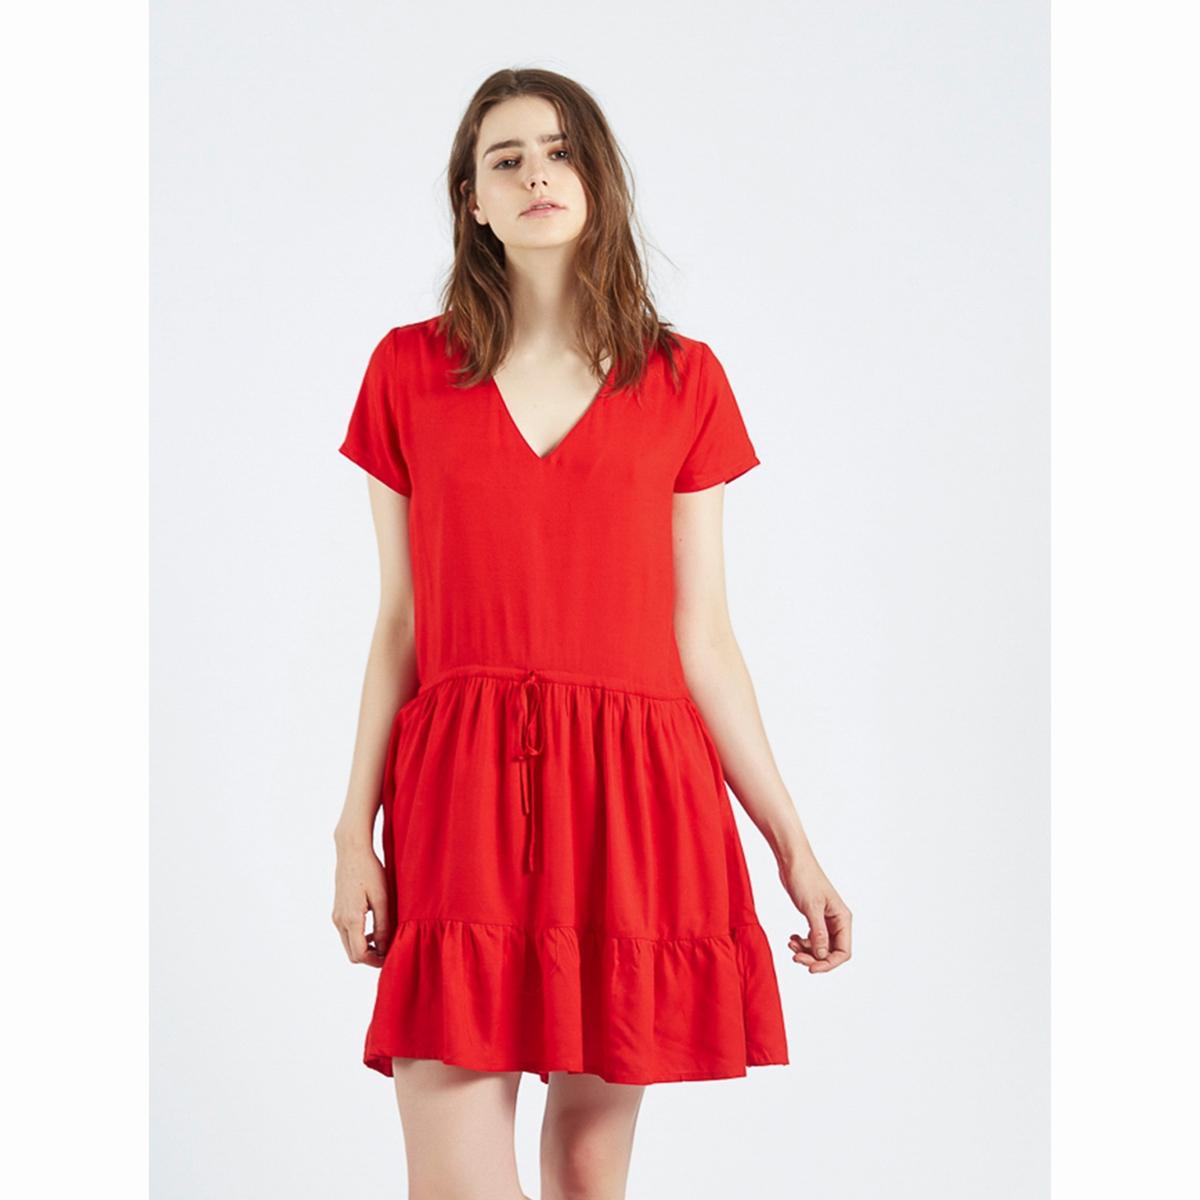 Платье Vestido Rojo AdaСостав и описаниеМатериал : 100% вискозаМарка : Compania FantasticaМодель : Vestido Rojo AdaУходСледуйте рекомендациям по уходу, указанным на этикетке изделия<br><br>Цвет: красный